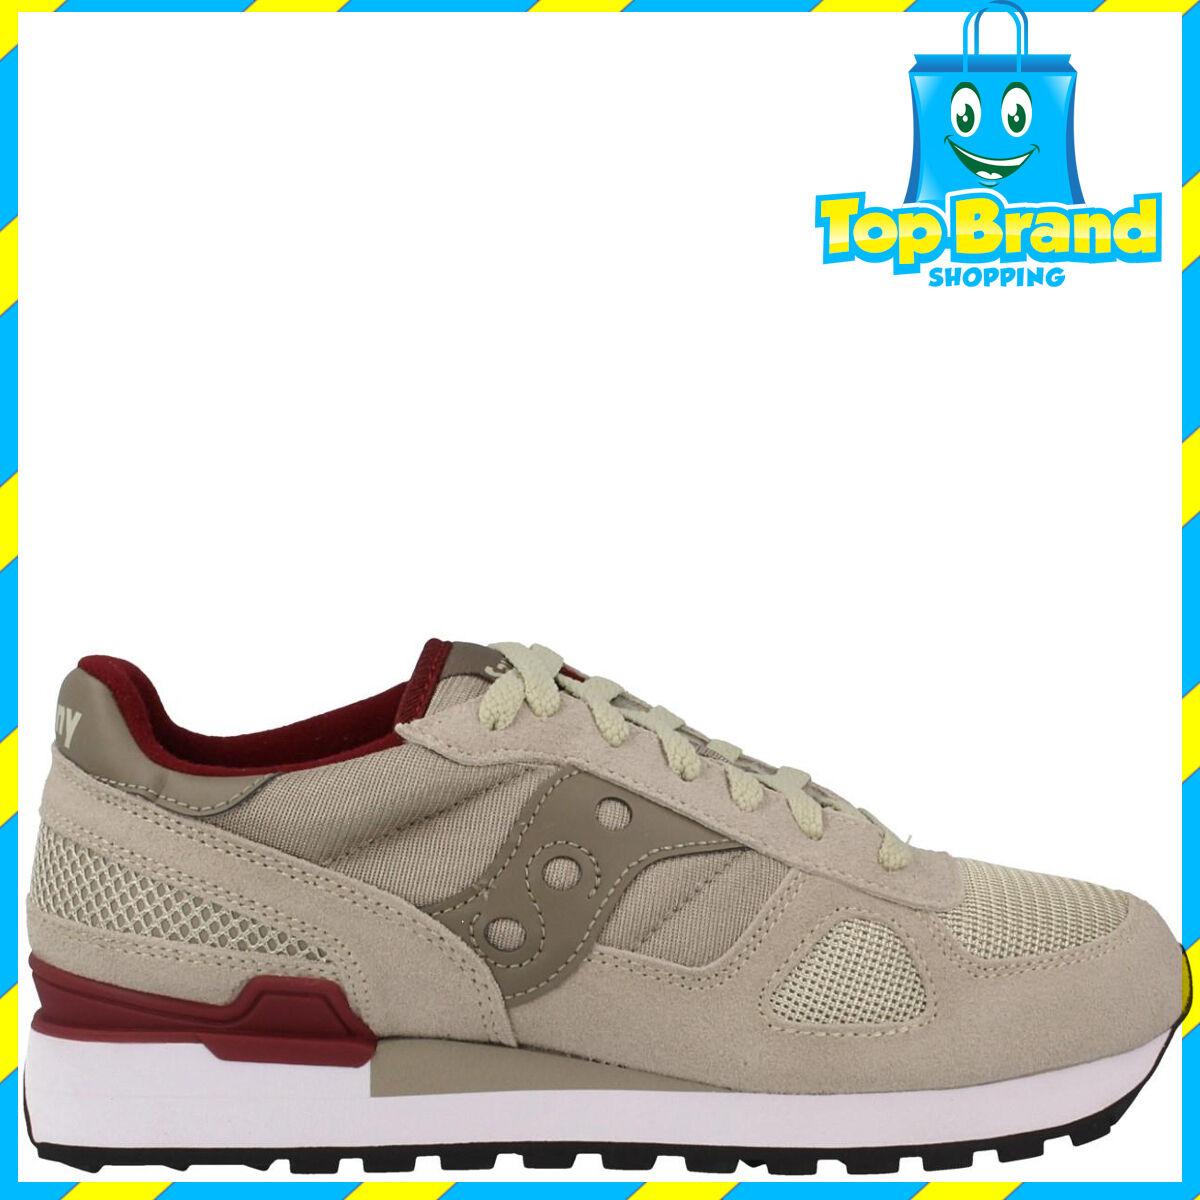 Saucony Uomo Originals Classsc SHADOW LT TAN S2108624 classic kicks SHOES